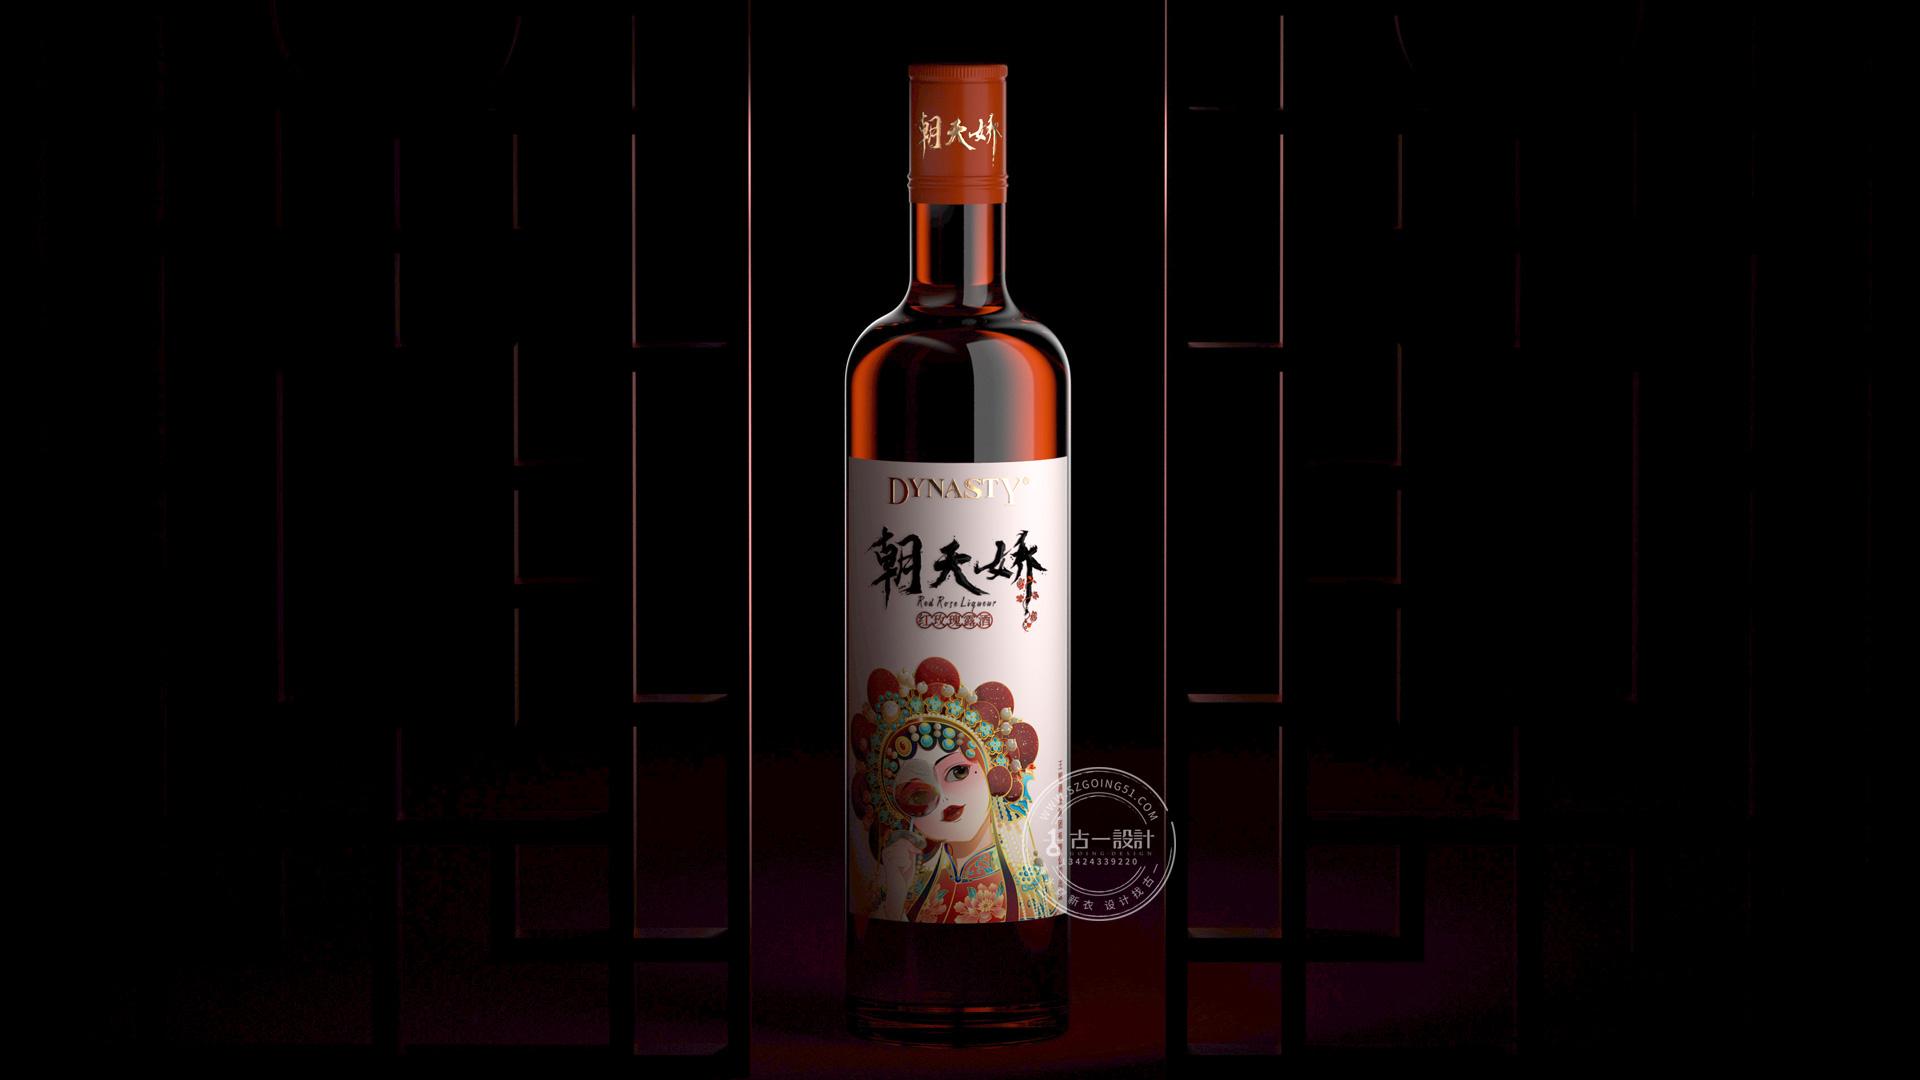 王朝酒业 × 古一设计 国潮风格朝天娇玫瑰露酒包装设计